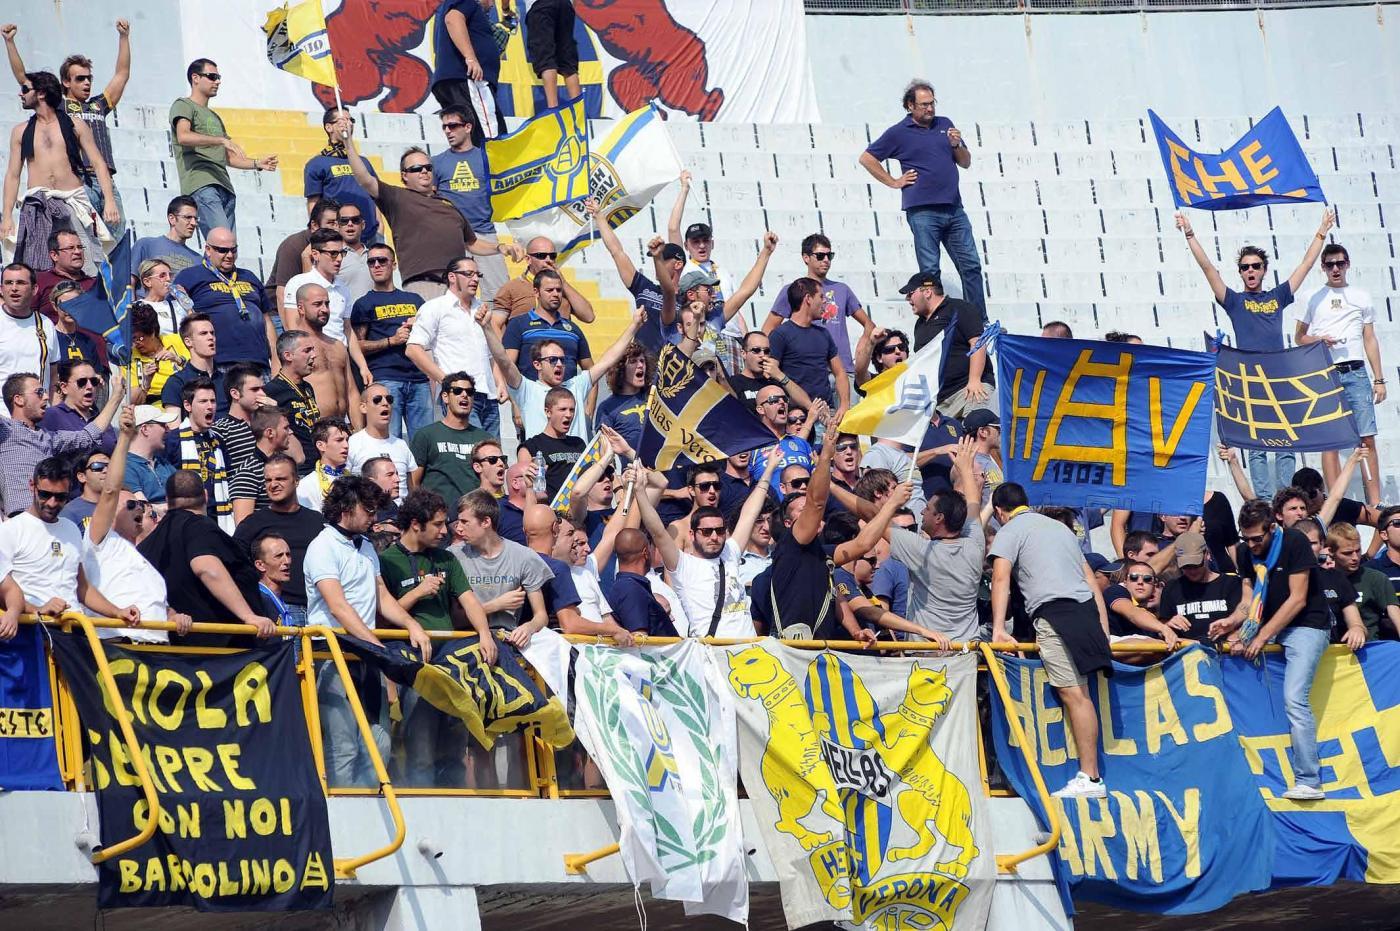 Napoli-Hellas, pericolo ordine pubblico: al San Paolo 200 ultras veronesi